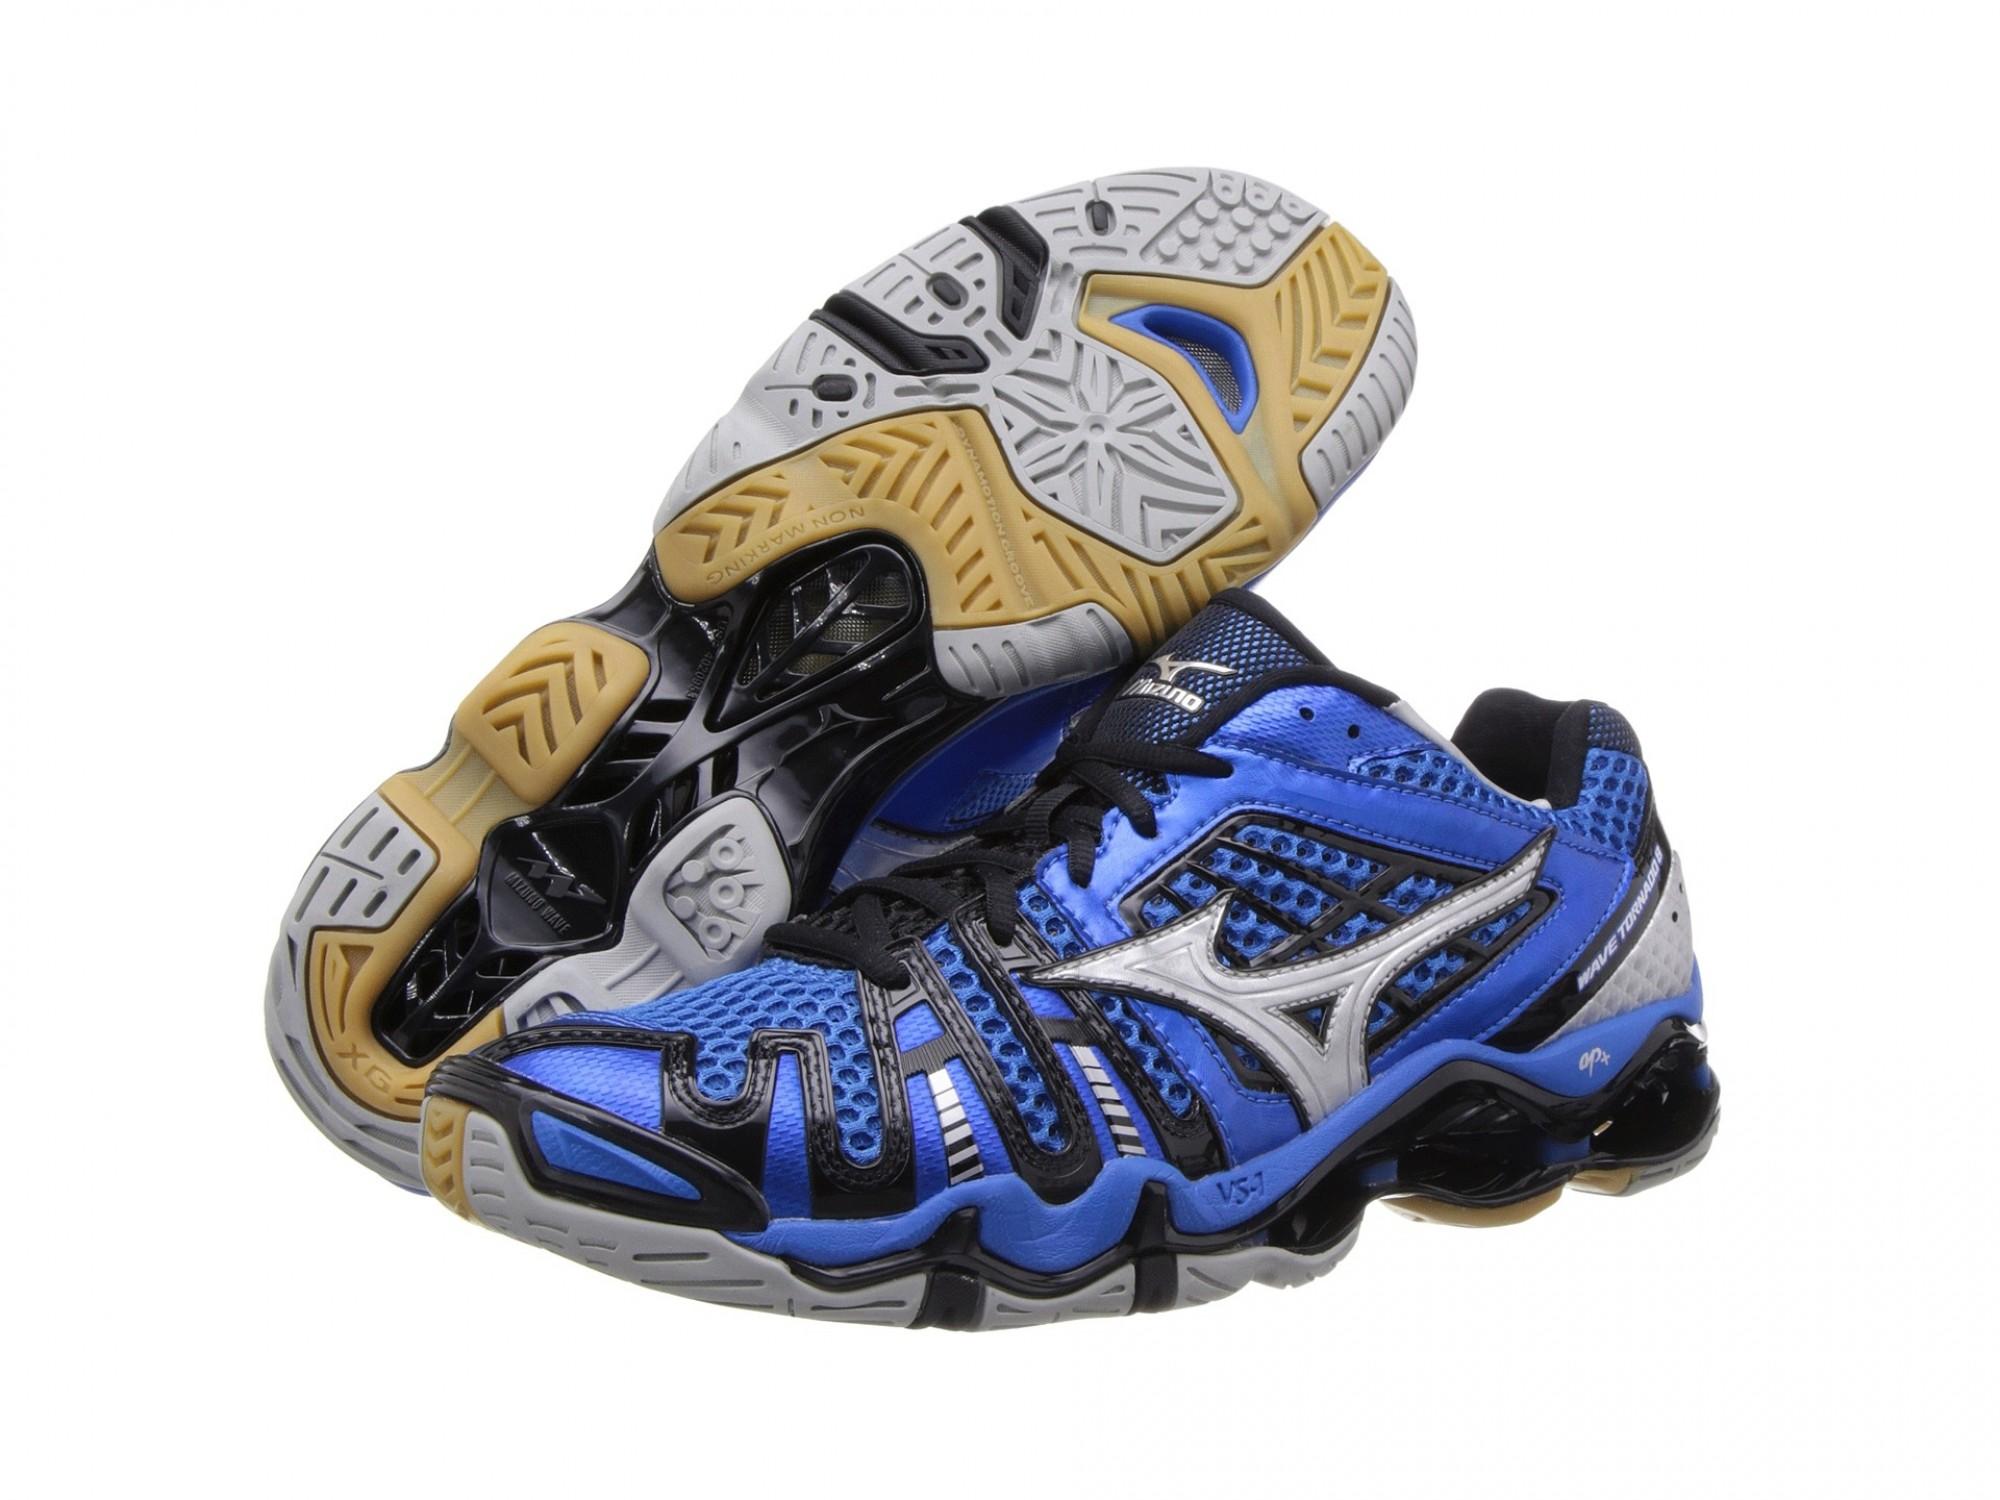 Mizuno Wave Tornado 8 (Blue) Волейбольные кроссовки купить в Украине ... 2247c07de24